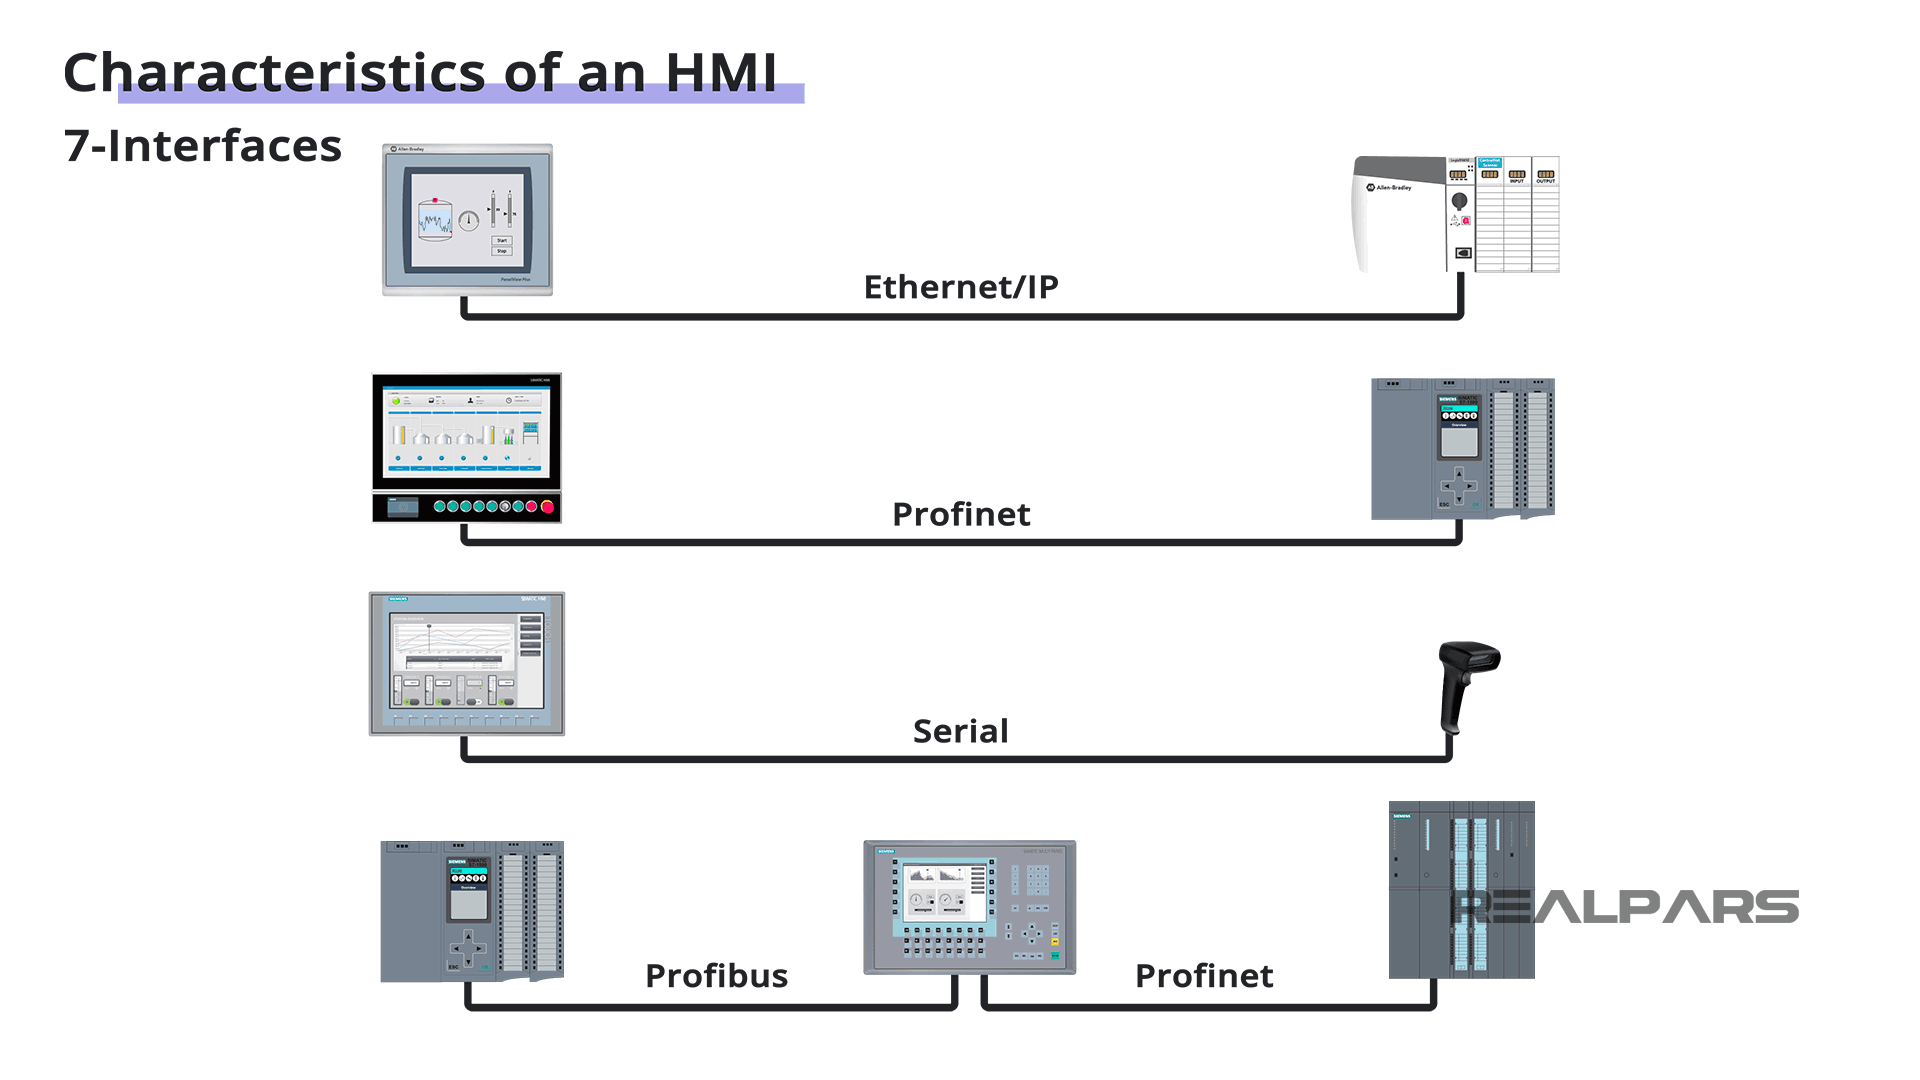 HMI Interfaces